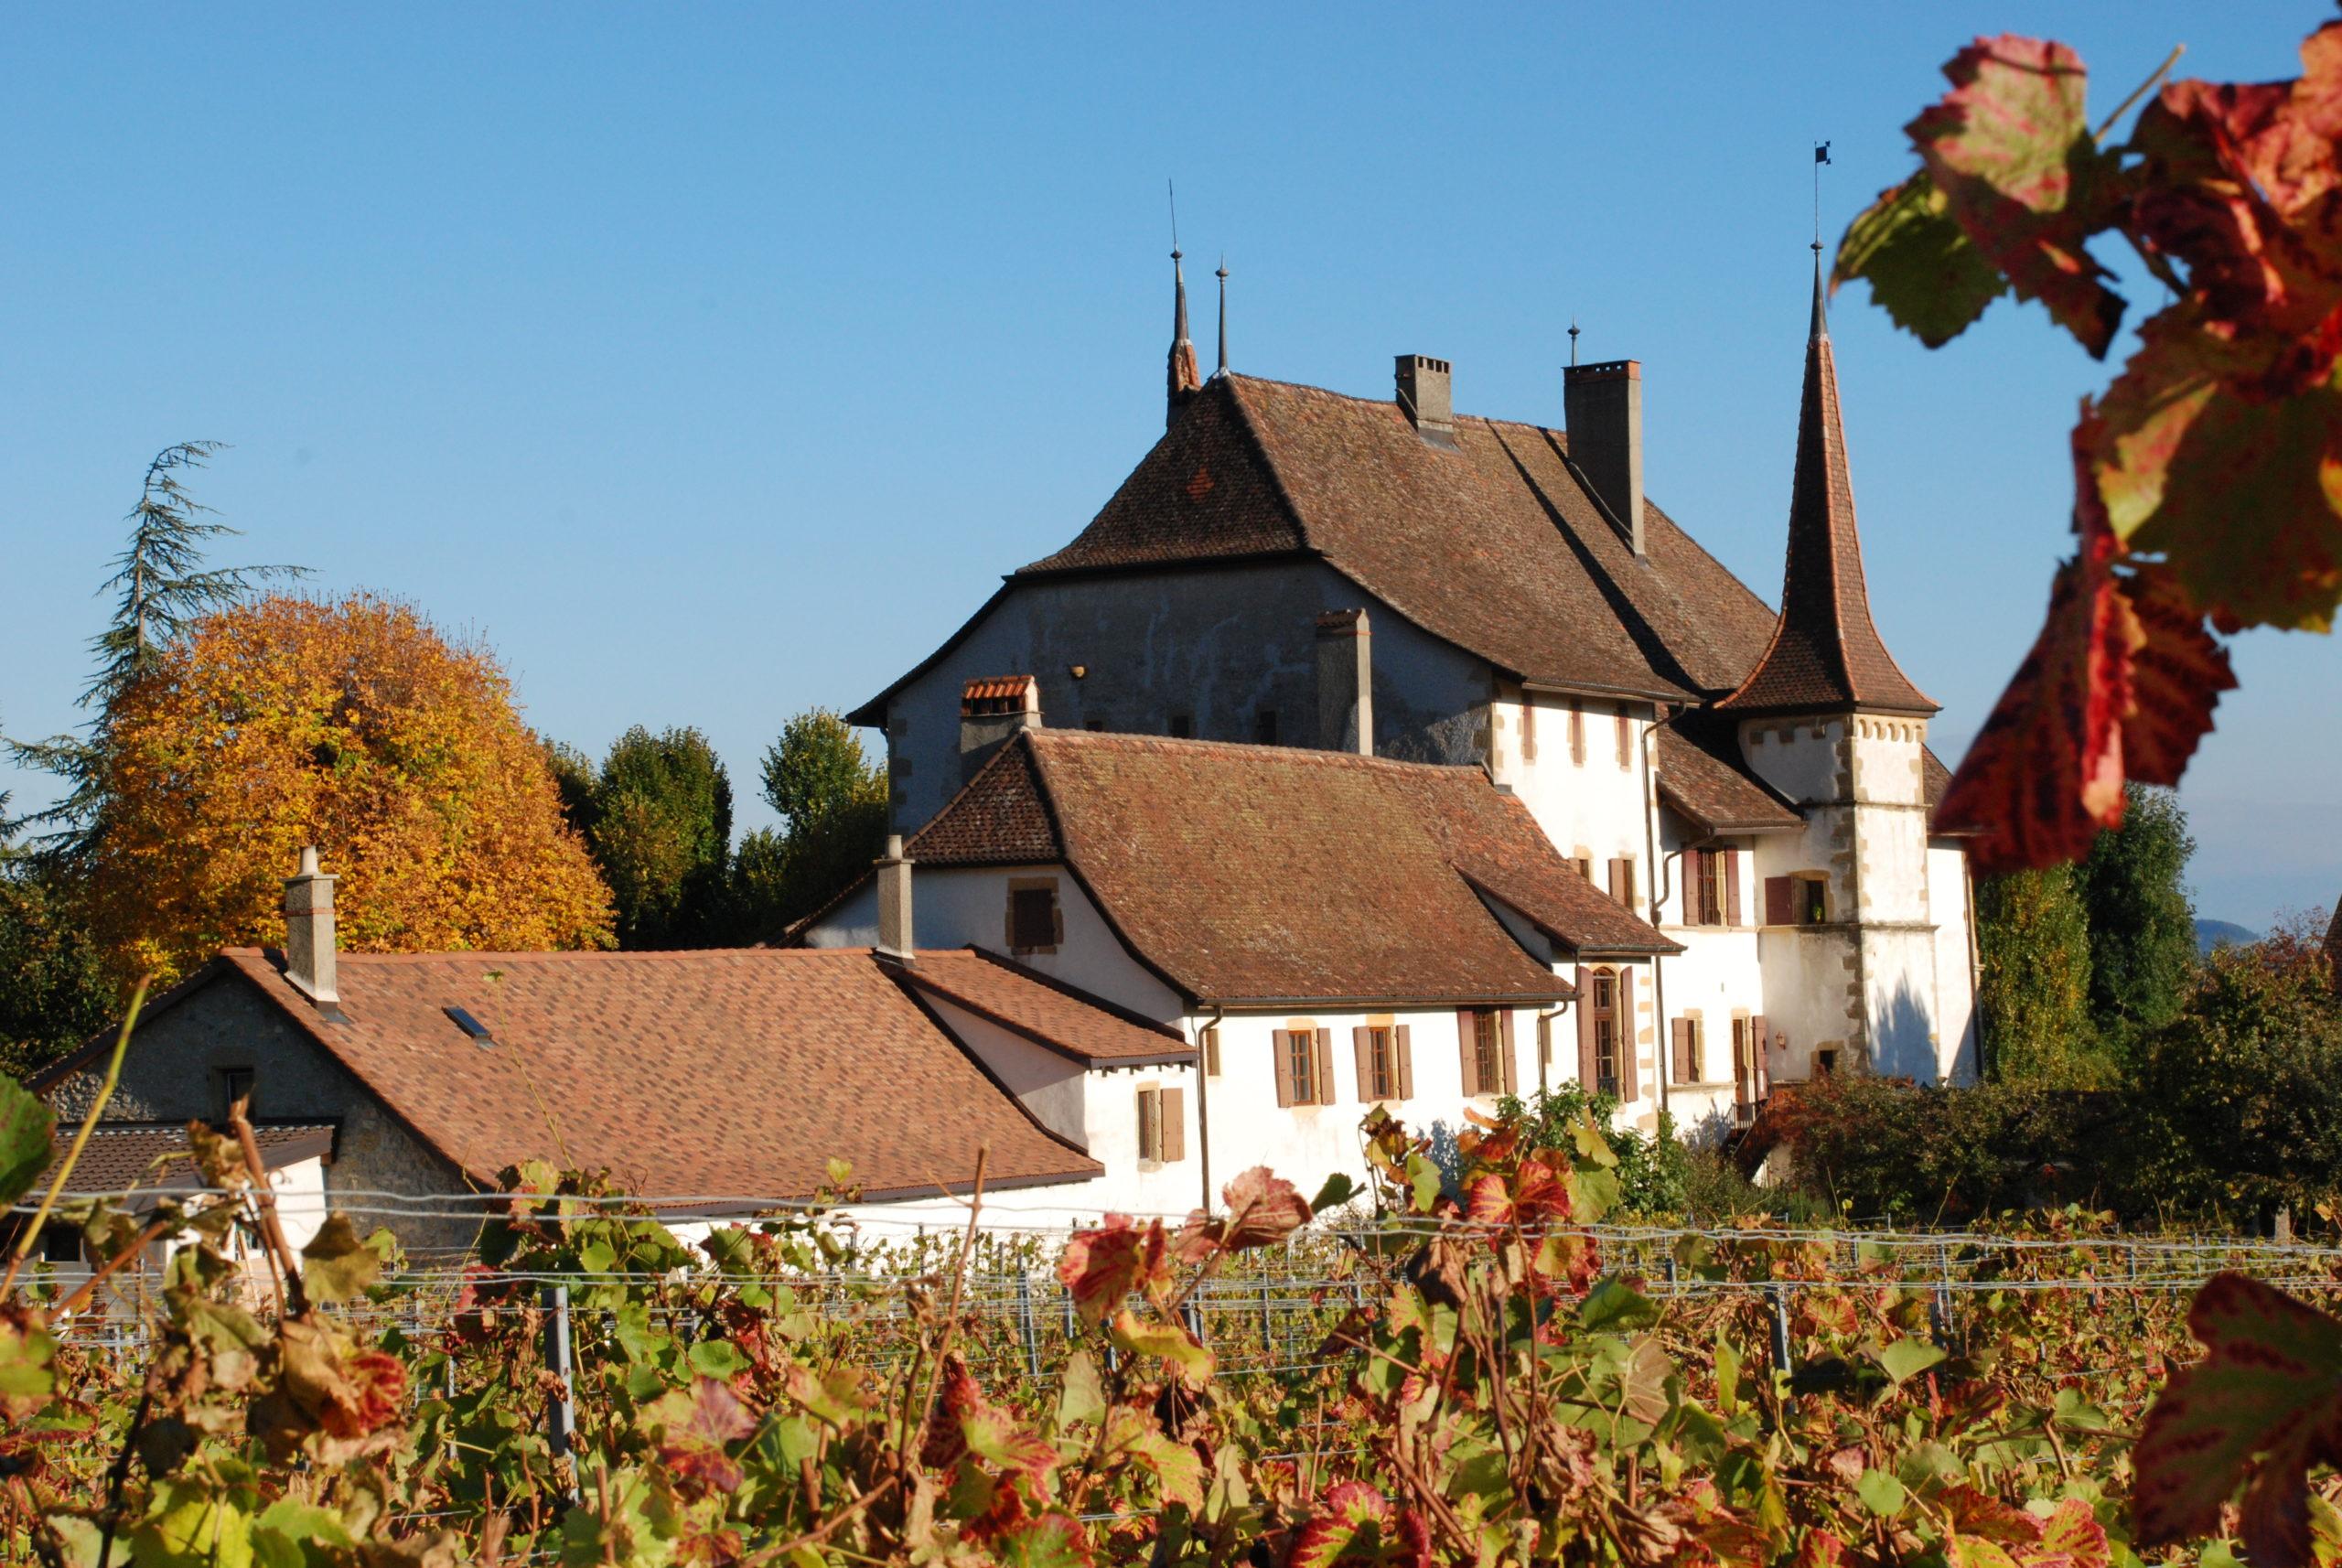 Visiter Auvernier et son château dans le Pays de Neuchâtel